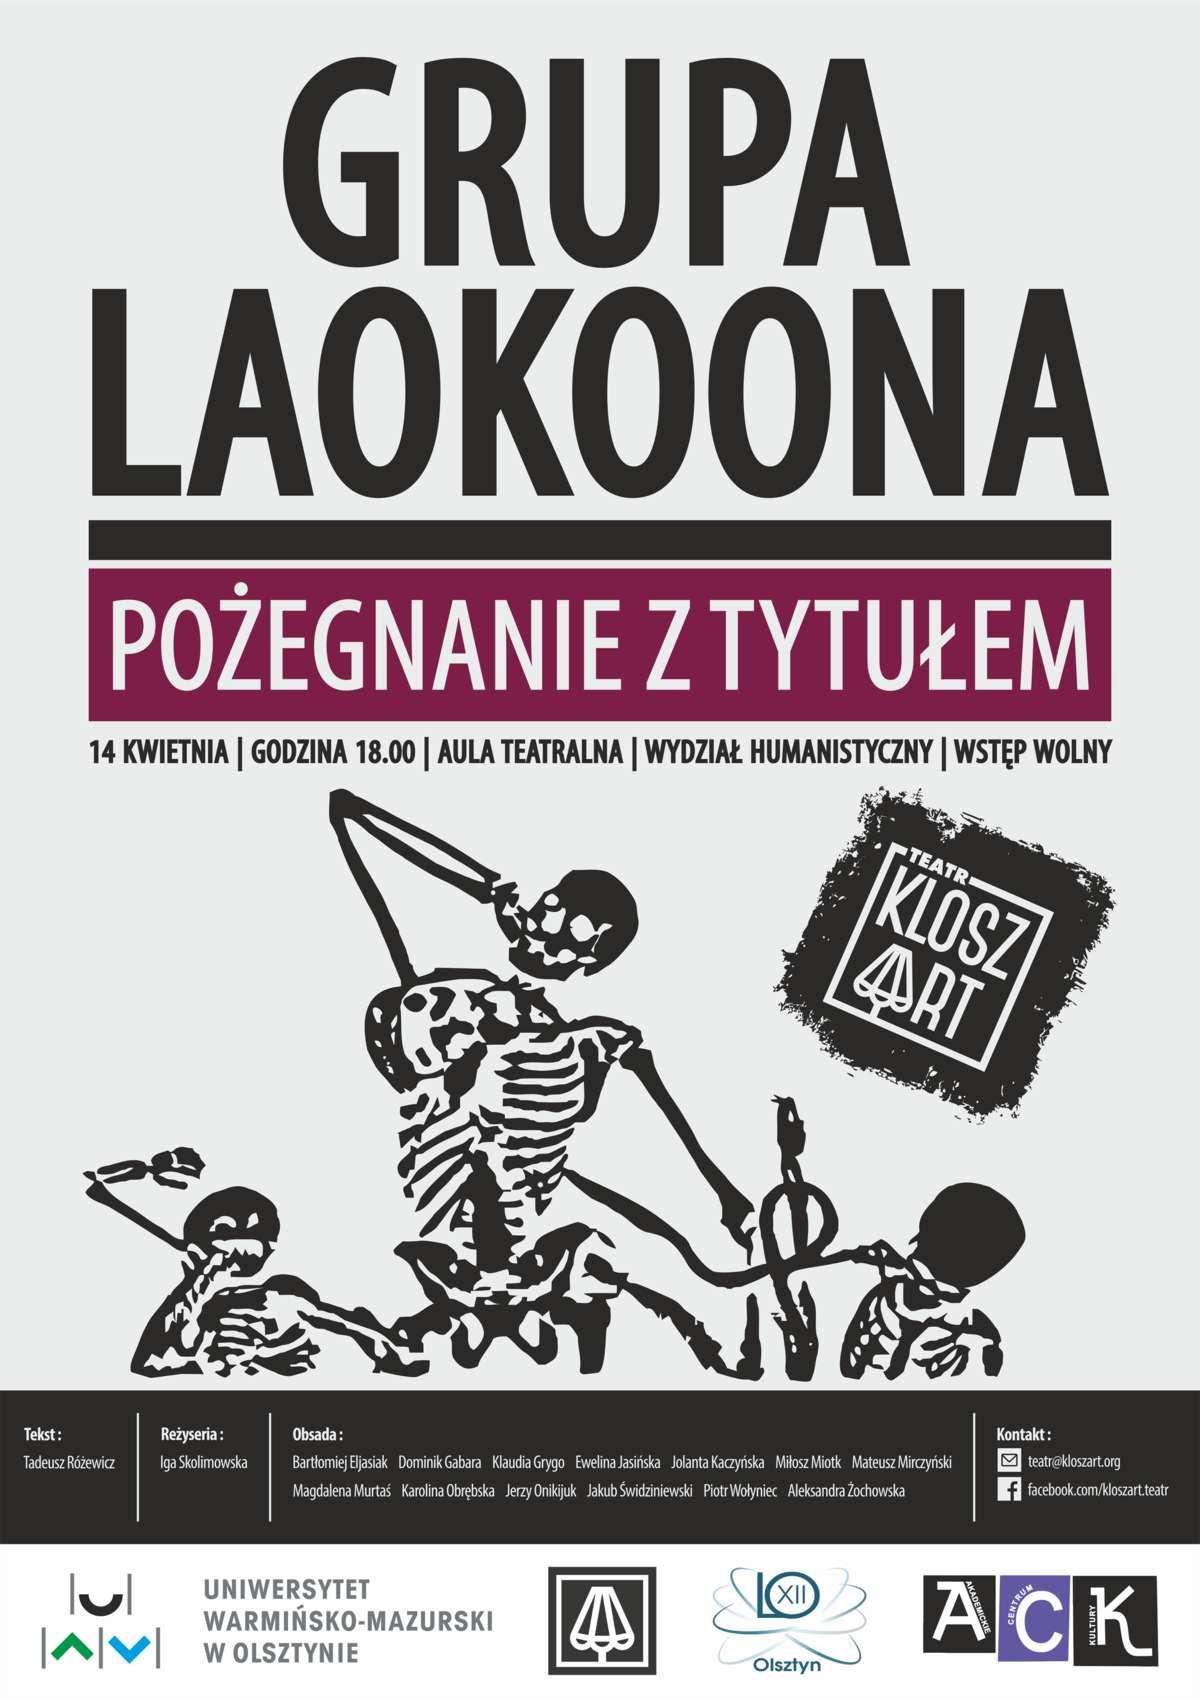 Kloszart wystawia Grupę Laokoona Tadeusza Różewicza  - full image